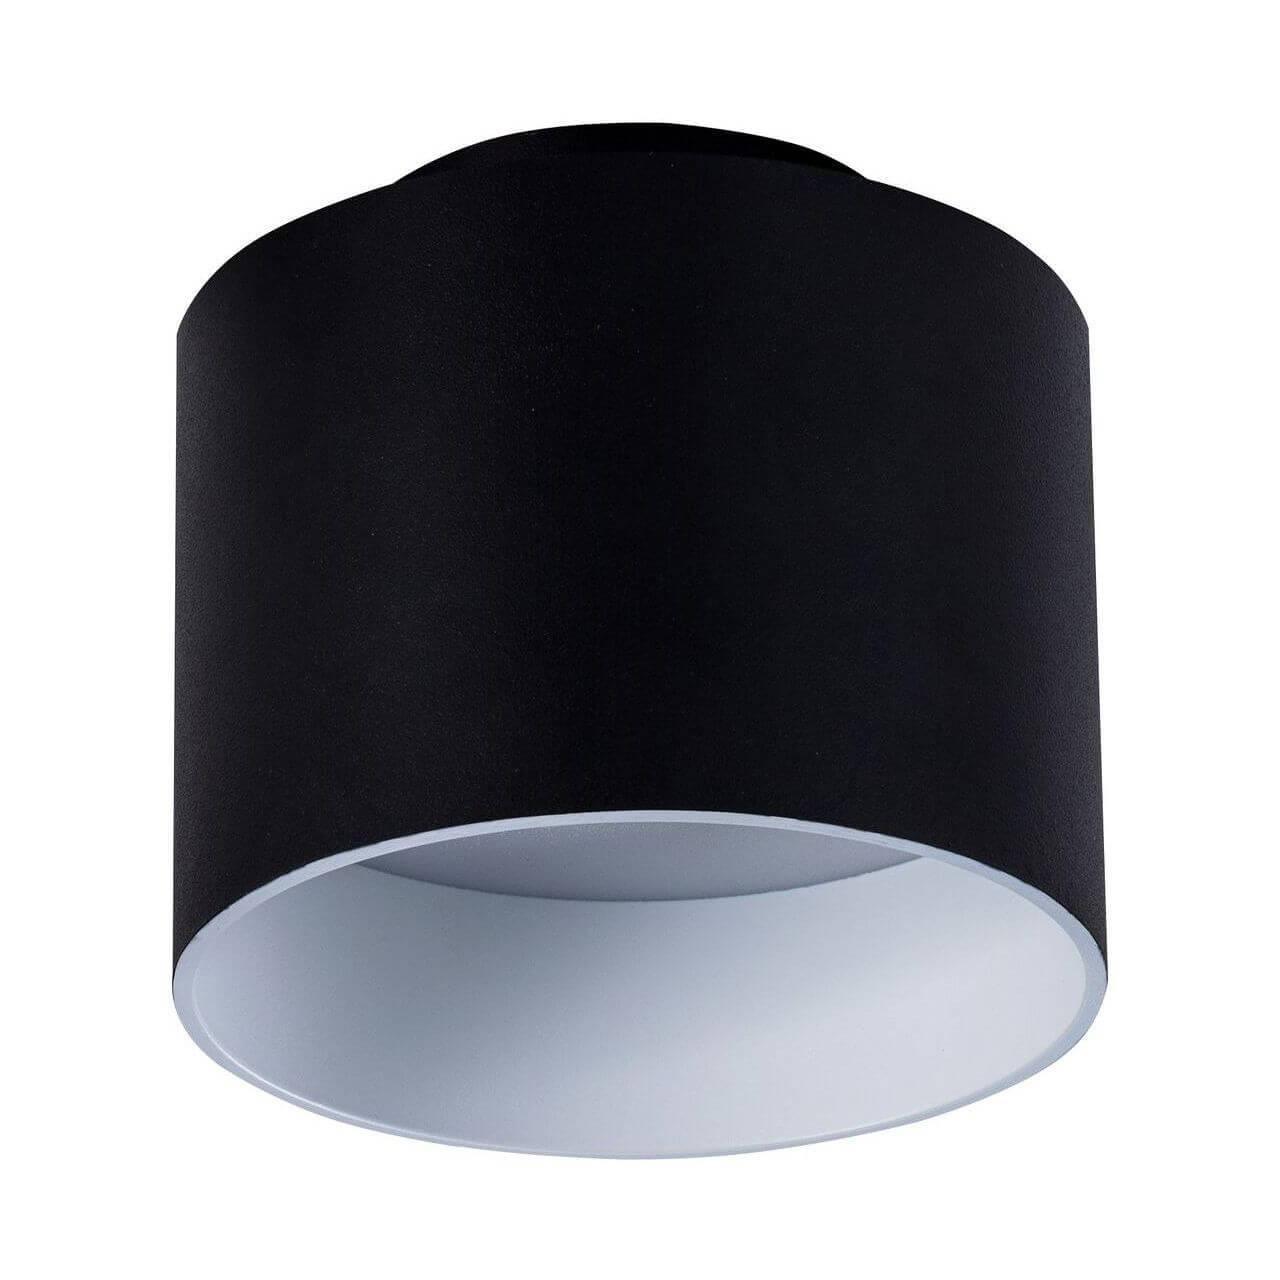 Накладной светильник Maytoni C009CW-L12B, LED, 12 Вт накладной светильник planet c009cw l16w